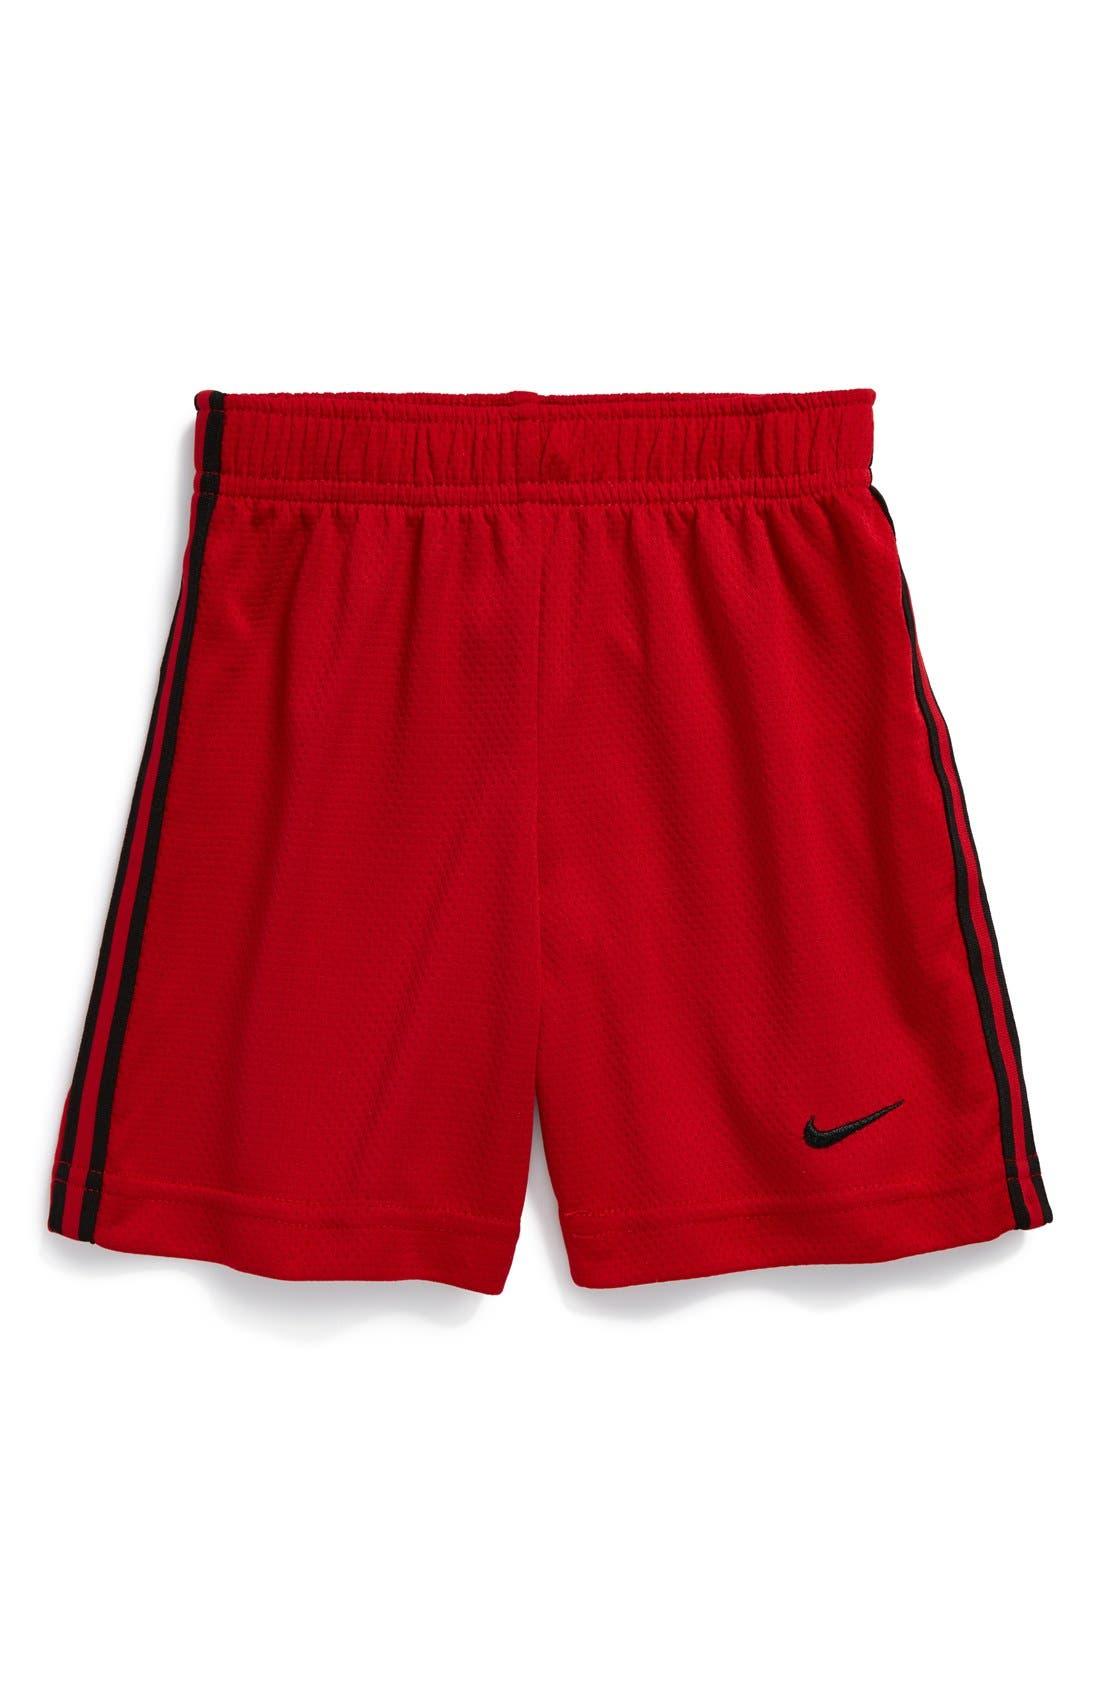 Main Image - Nike 'Epic' Shorts (Toddler Boys)